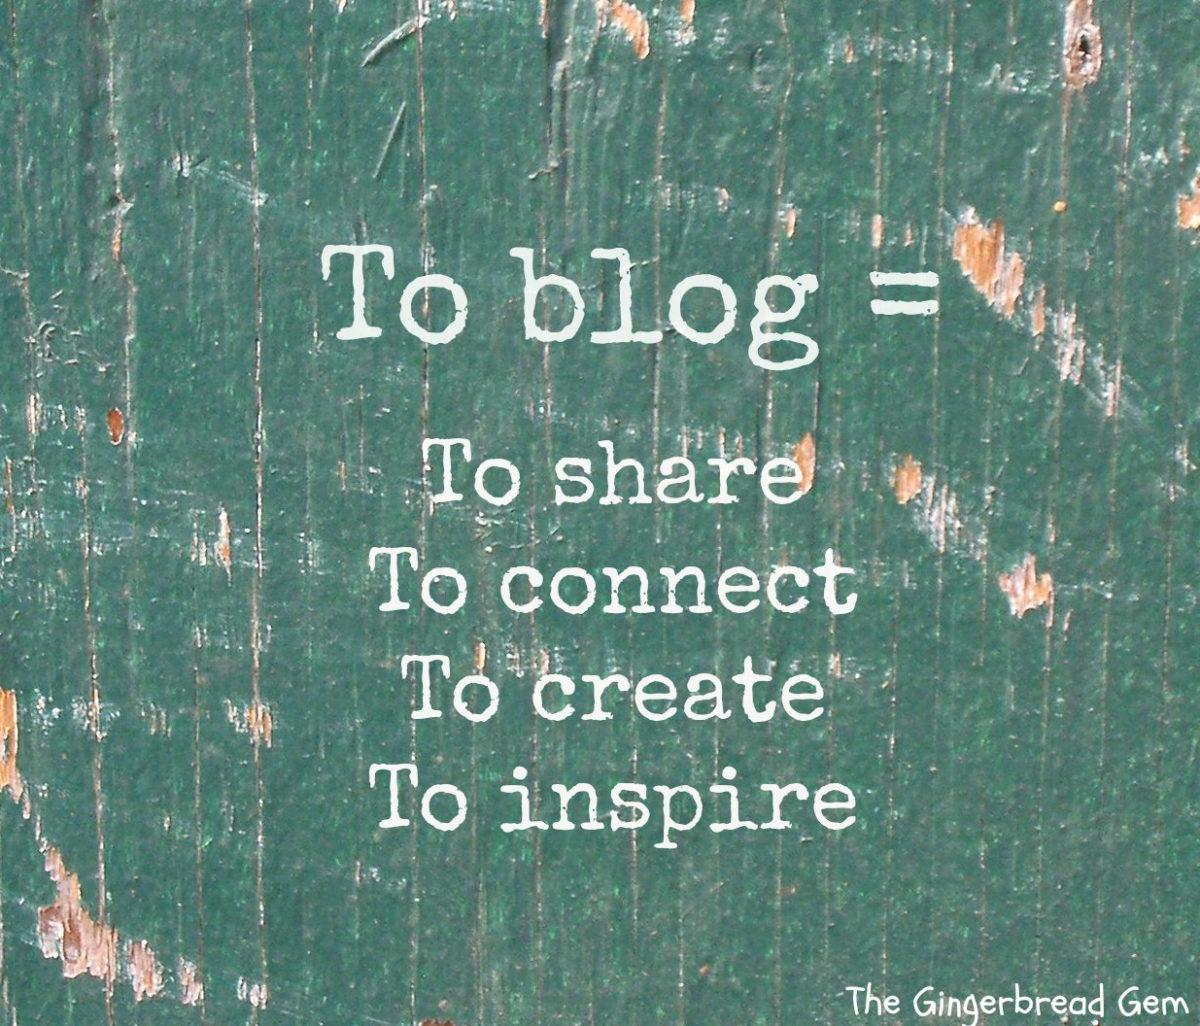 Е, почна се:) Новото приключение, наречено блог.